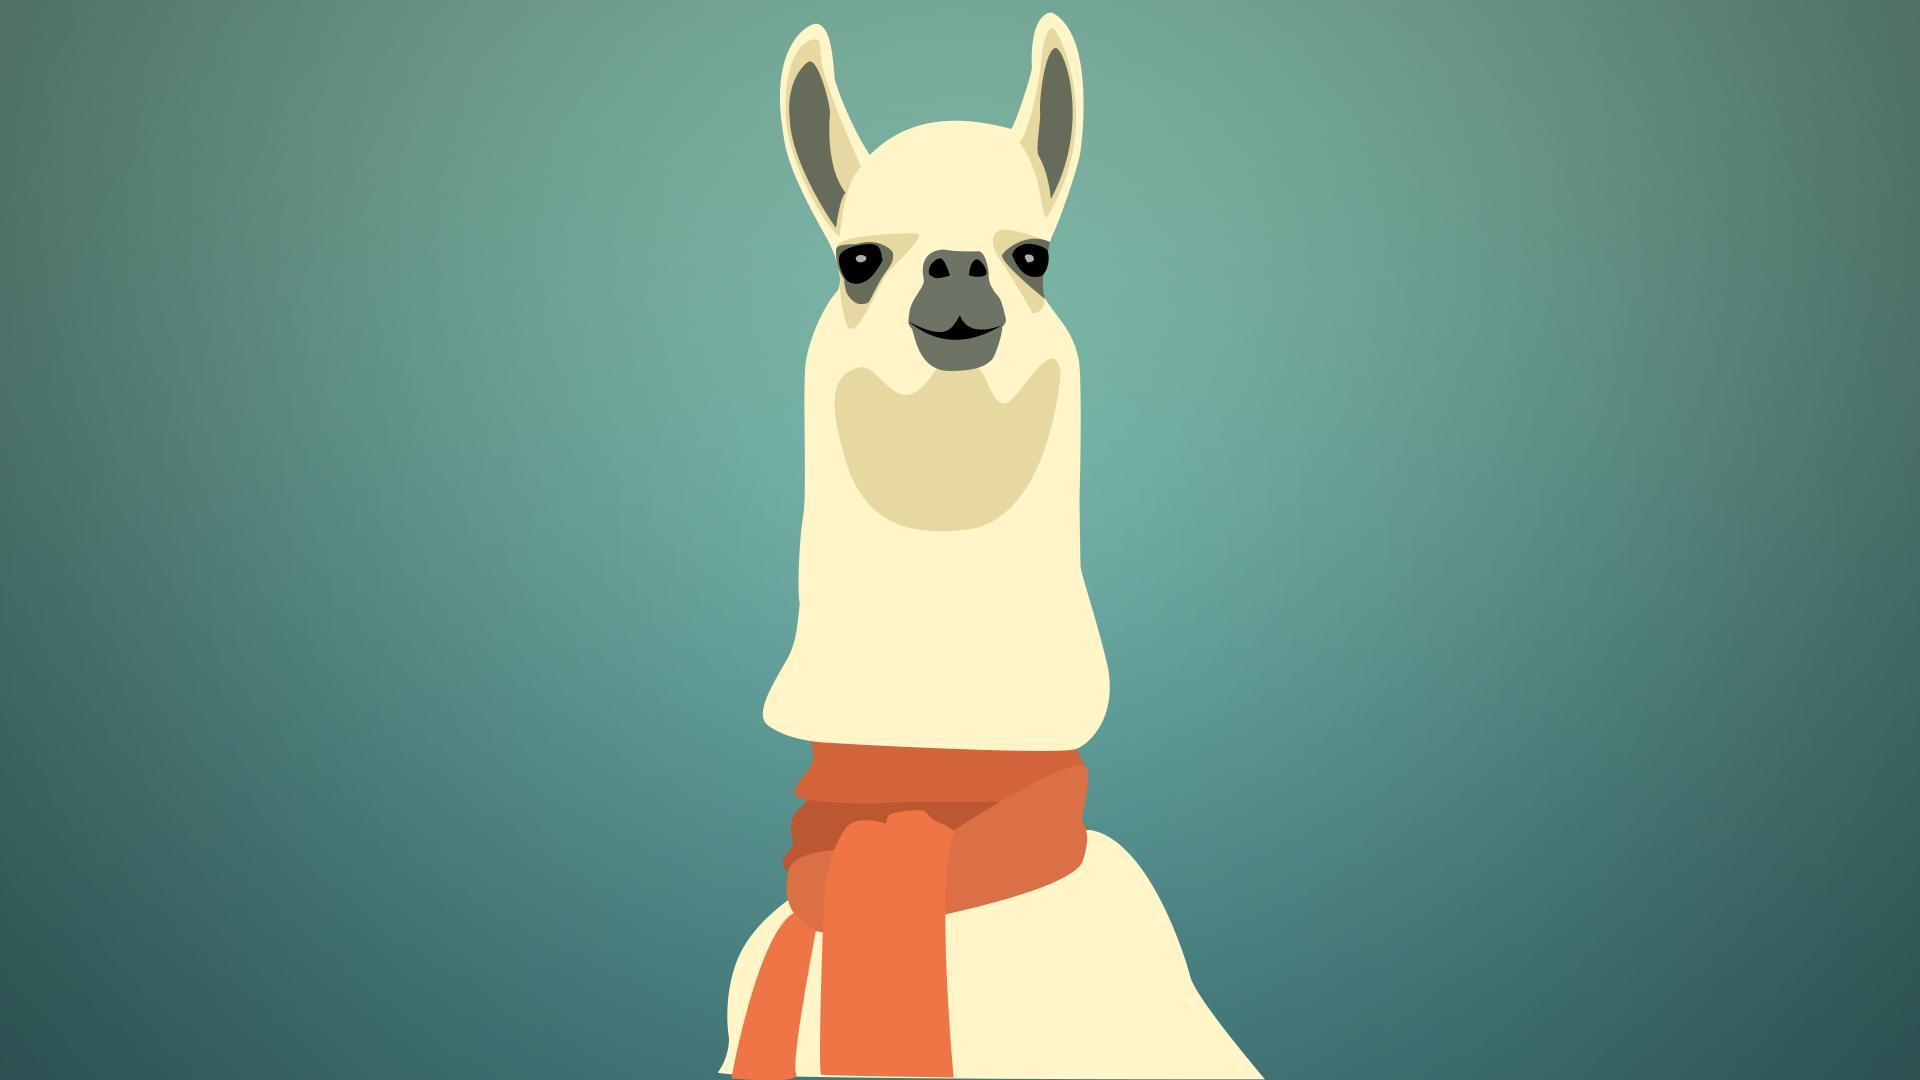 Llama Backgrounds Wallpaper